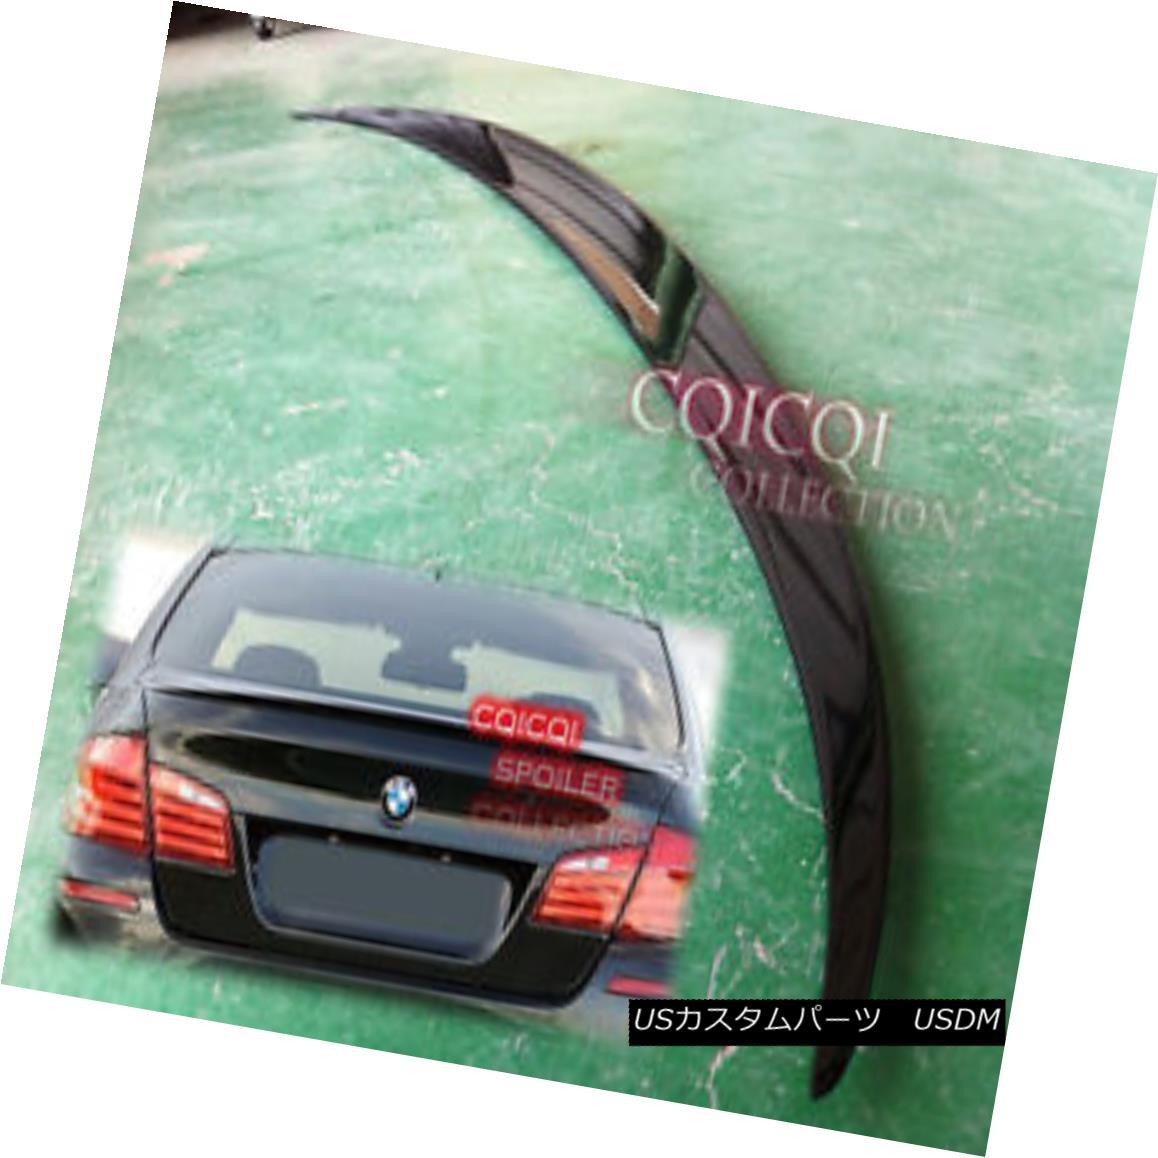 エアロパーツ Painted BMW 11~16 F10 5-series Sedan M5 type trunk spoiler color:668 Black ◎ ペイントされたBMW 11?16 F10 5シリーズセダンM5タイプトランクスポイラーカラー:668ブラック?